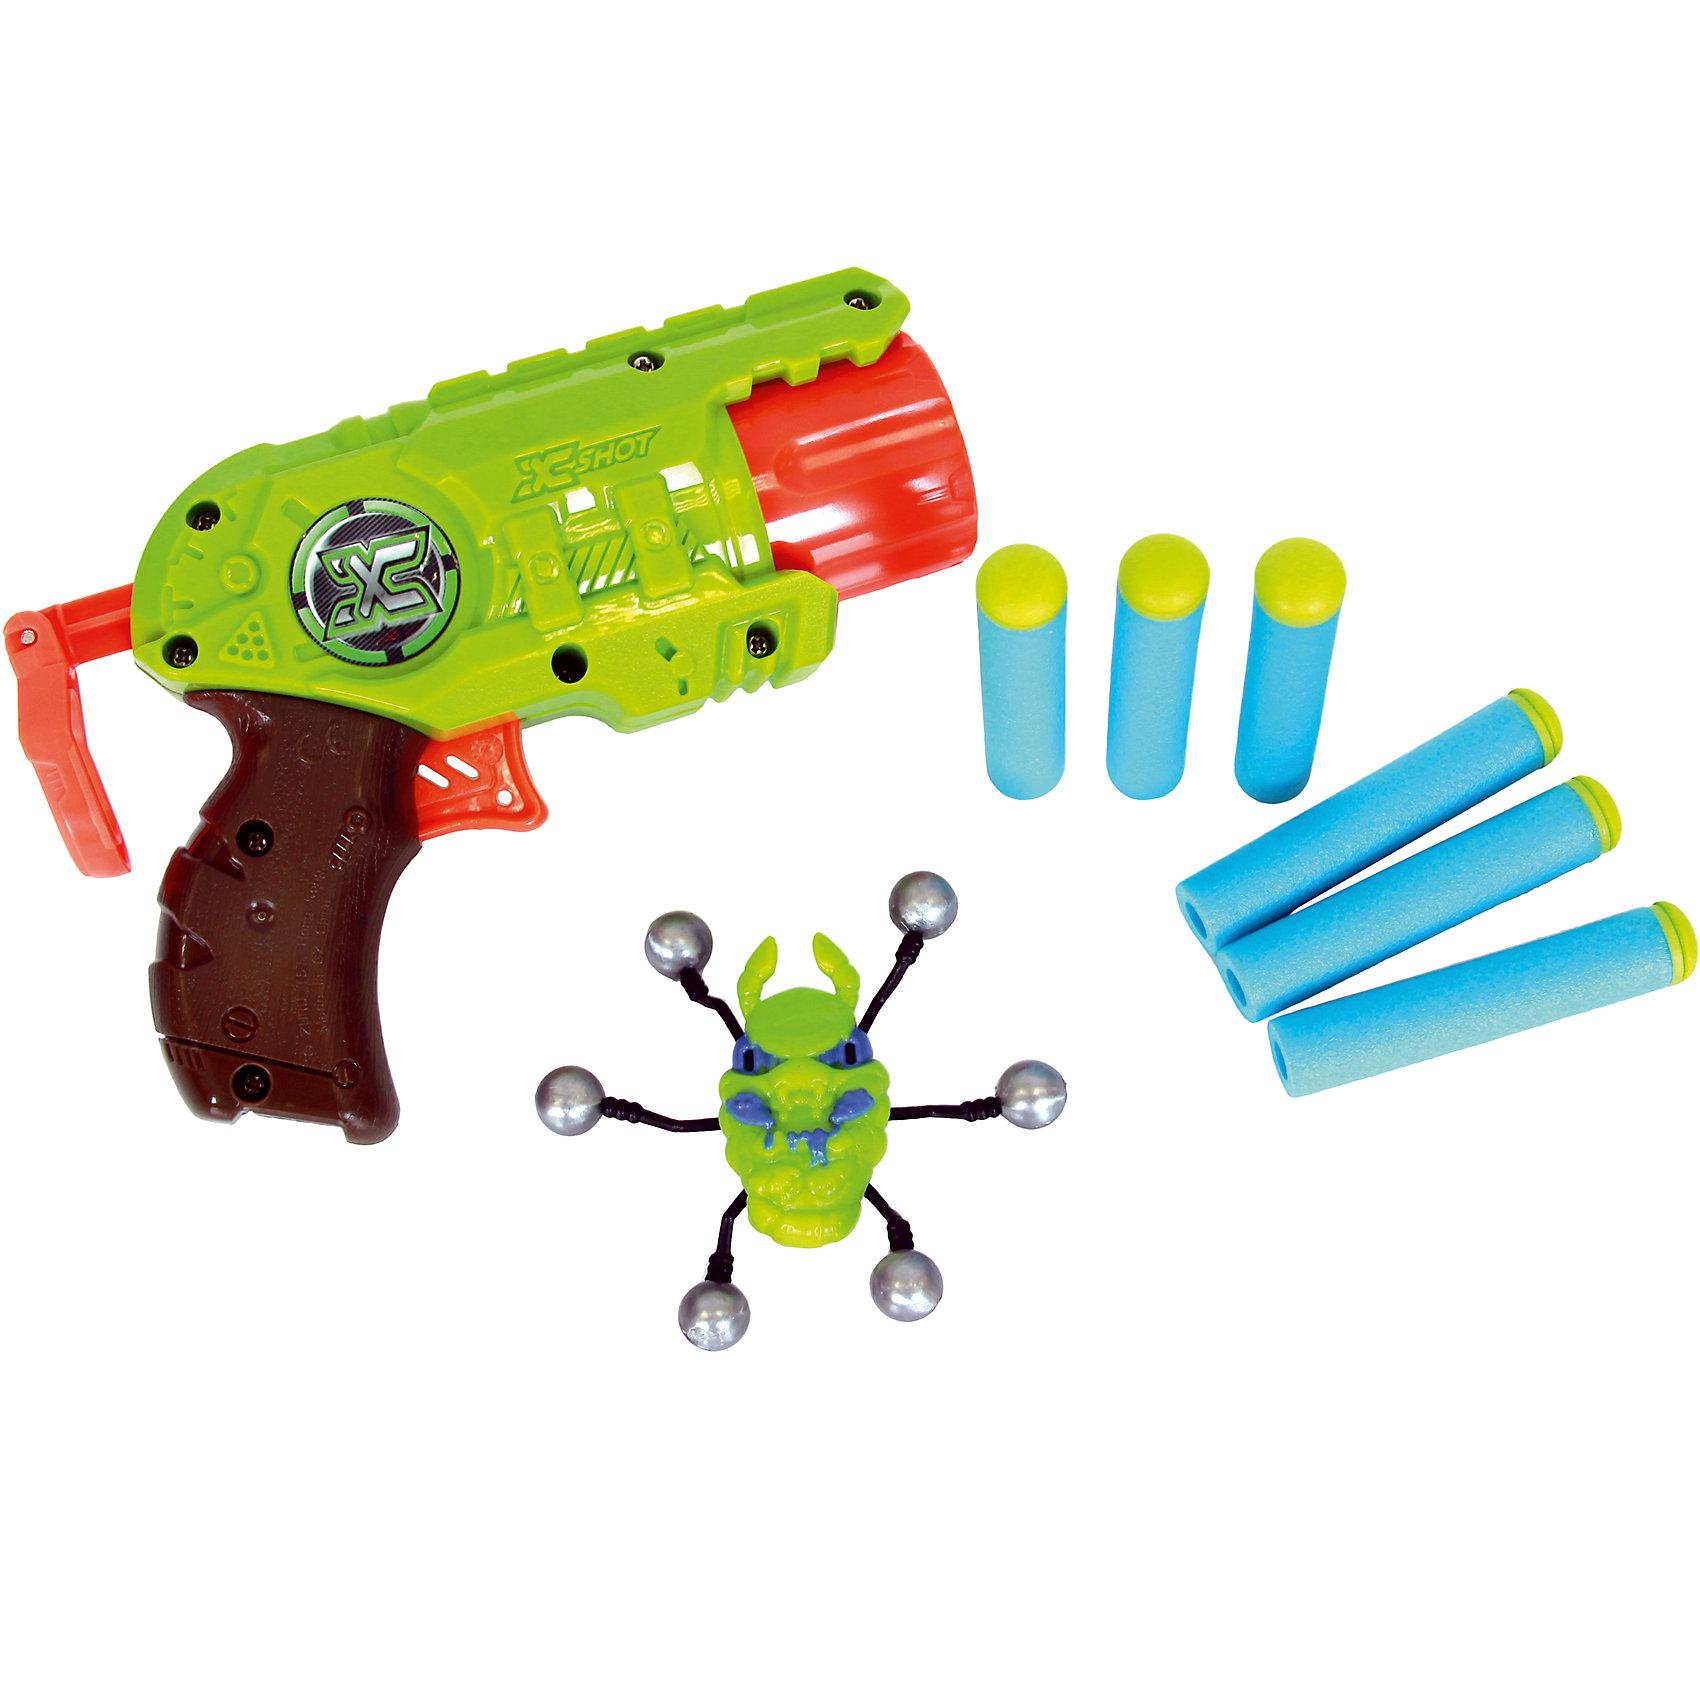 Микро-бластер с мишенями Атака Пауков, ZuruБластеры, пистолеты и прочее<br>Попади в ползущих пауков!Брось пауков на стену или окно.Пауки медленно сползают по гладкой поверхности.Попади в движущуюся мишень!В наборе Микро Бластер с барабаном на 3 патронов, 6 патронов из вспененной резины, безопасных при попадании даже с близкого расстояния, 1 паук-мишень.<br><br>Ширина мм: 300<br>Глубина мм: 60<br>Высота мм: 195<br>Вес г: 430<br>Возраст от месяцев: 36<br>Возраст до месяцев: 2147483647<br>Пол: Мужской<br>Возраст: Детский<br>SKU: 5508264